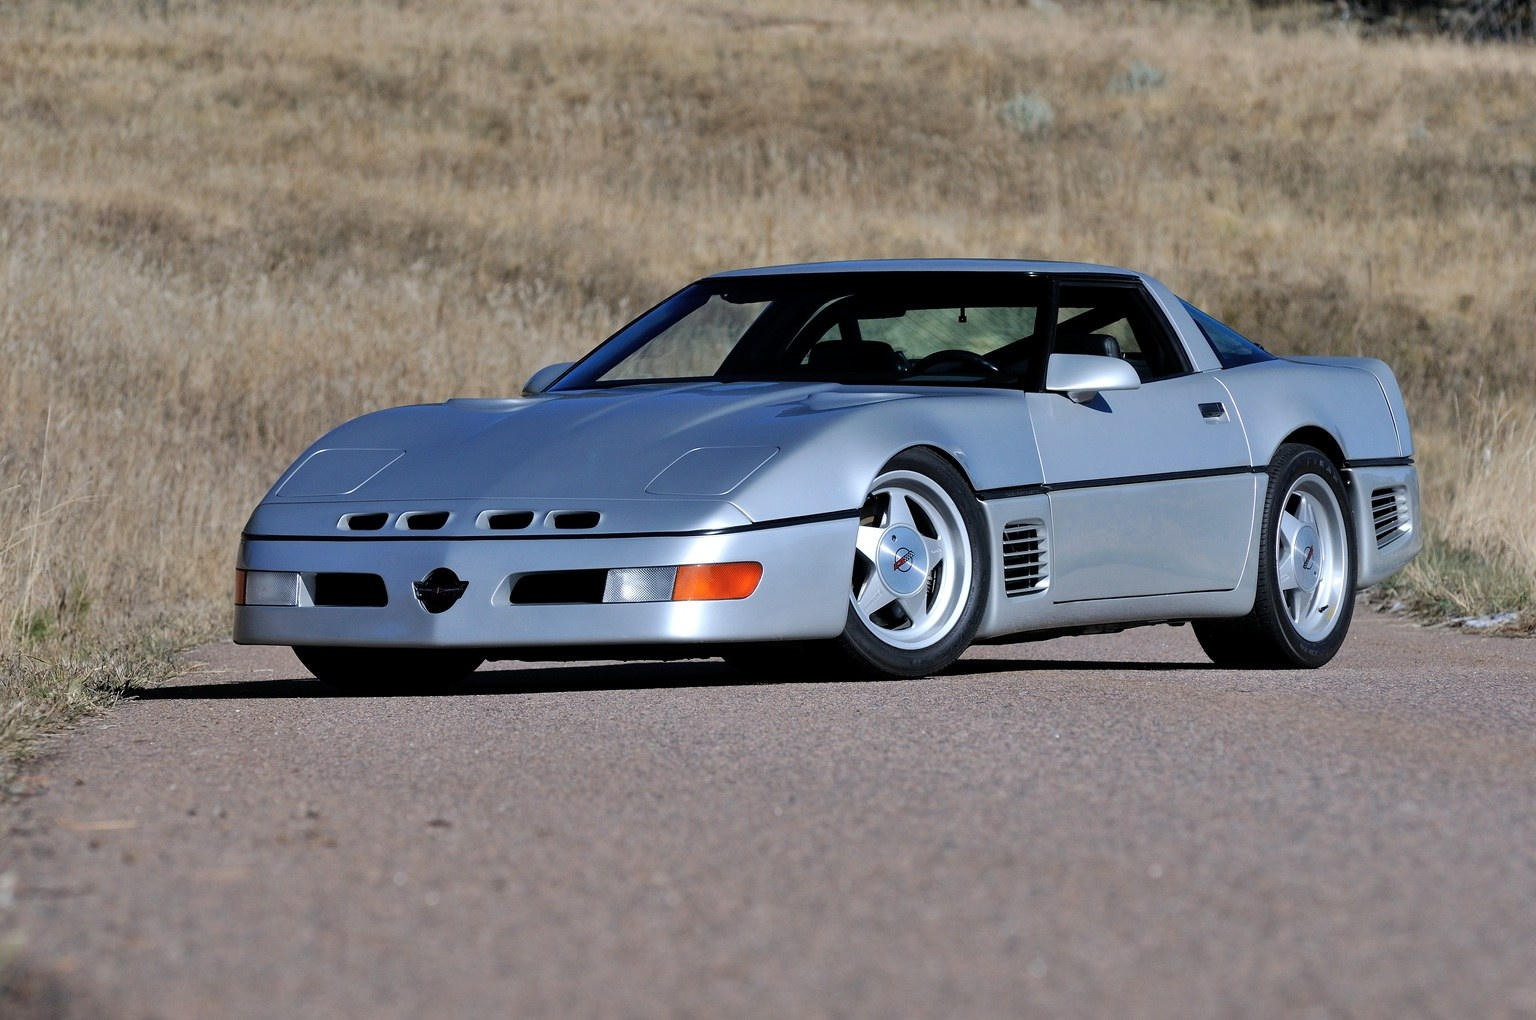 1988 Callaway Sledgehammer Corvette